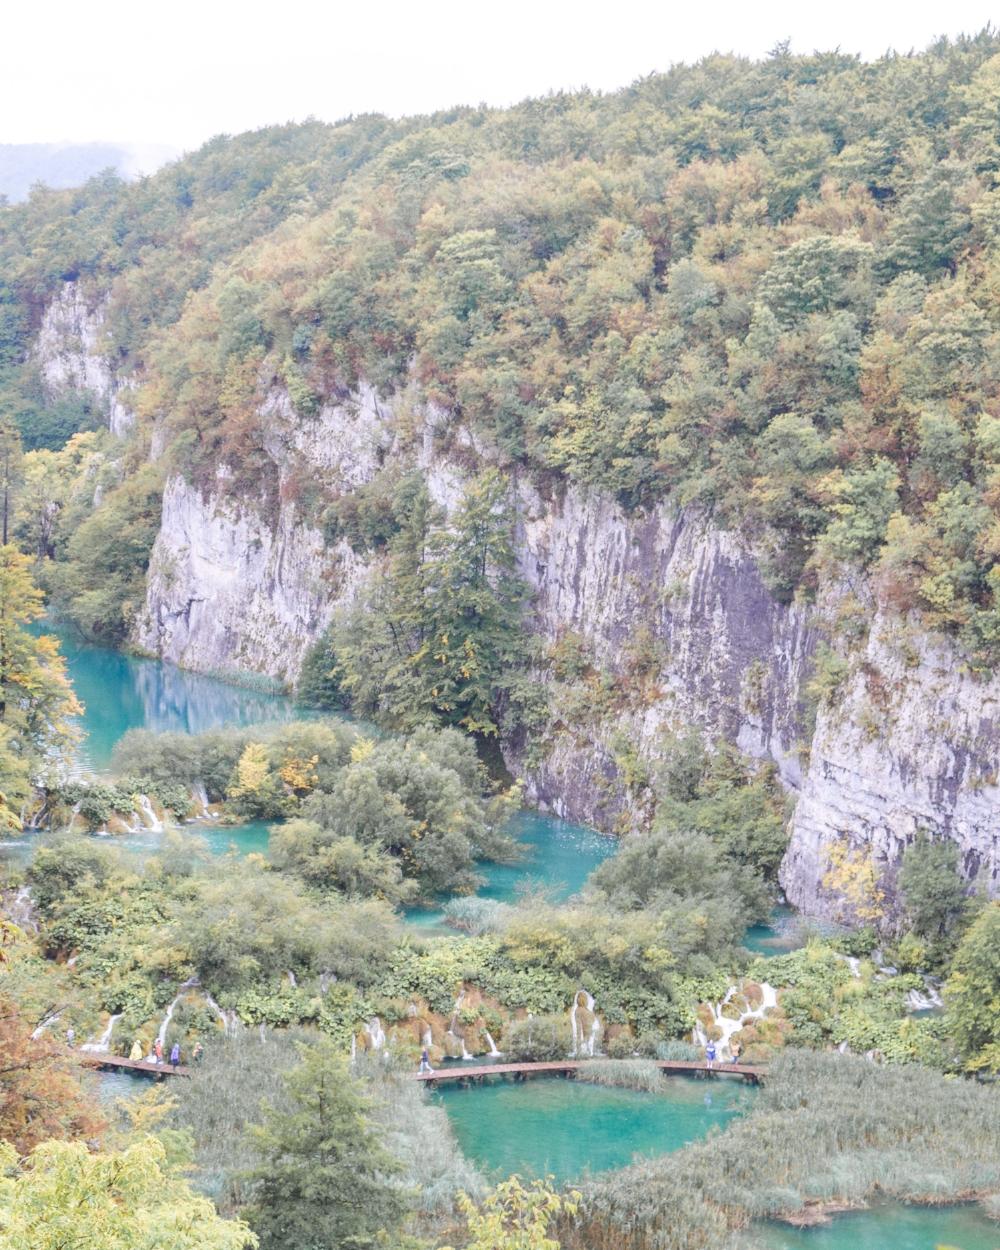 The gorgeous teal Plitvice Lakes.